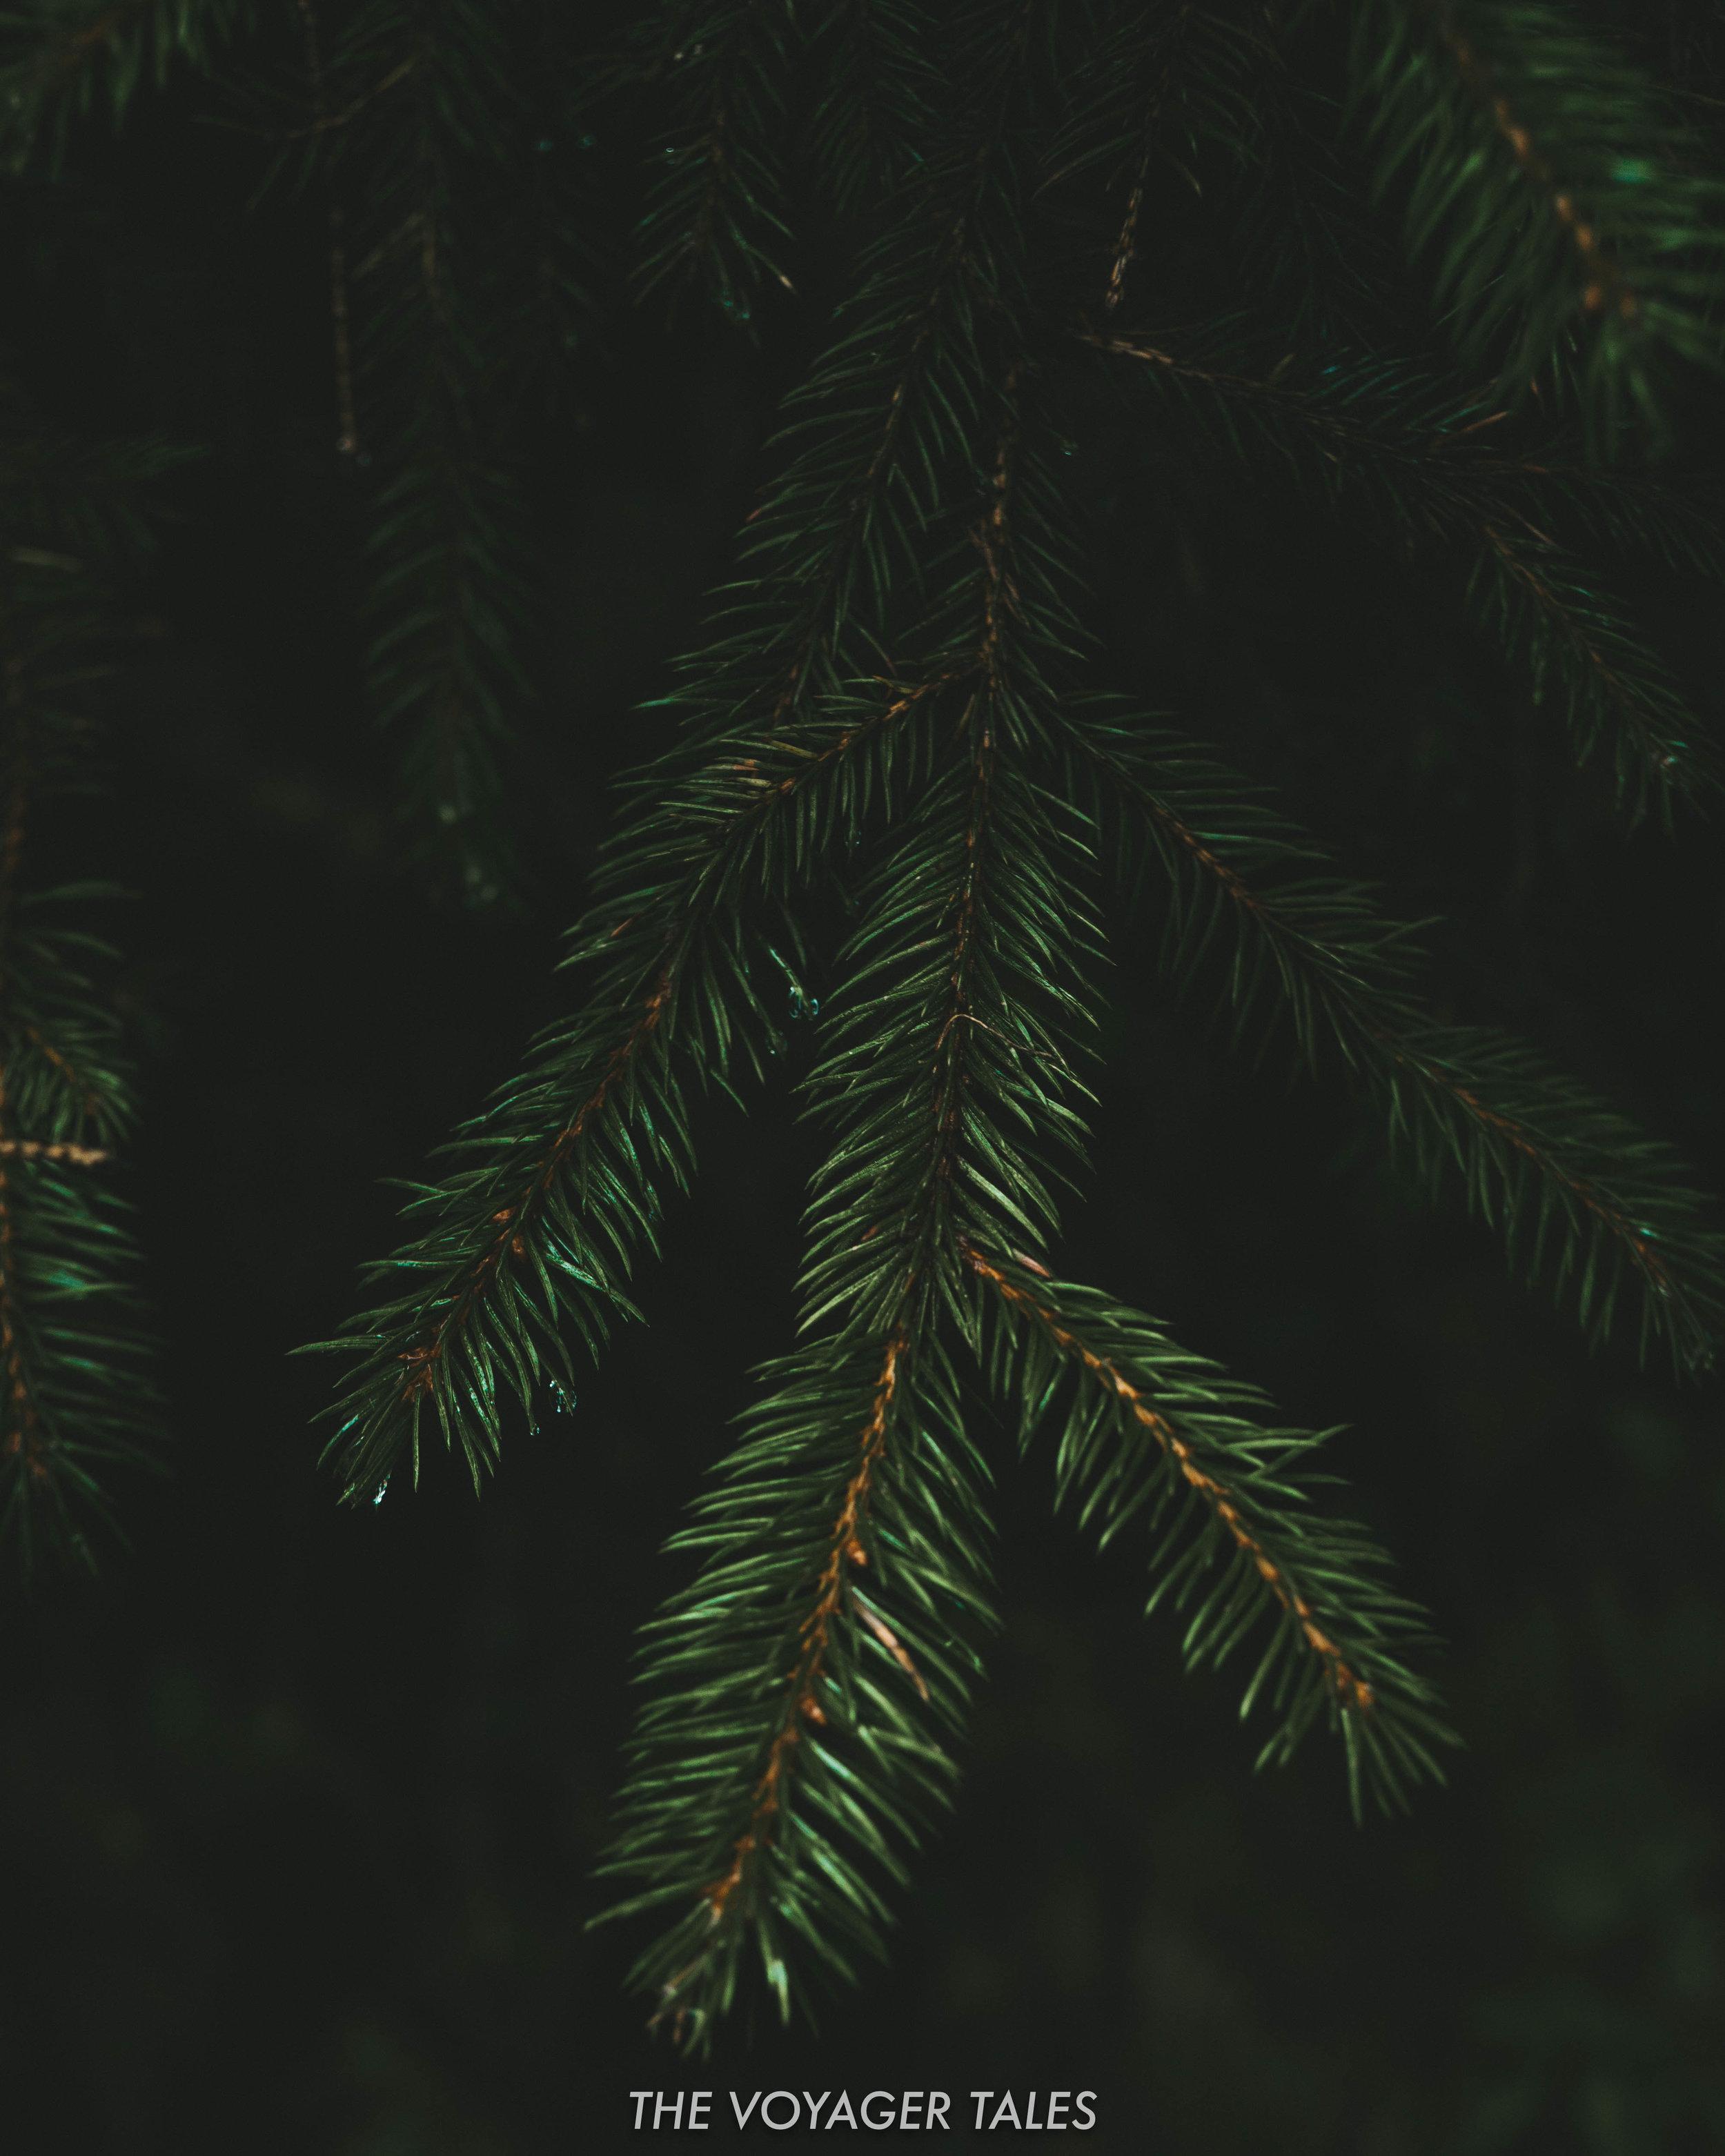 Spruce pine needles near Lago di Carezza